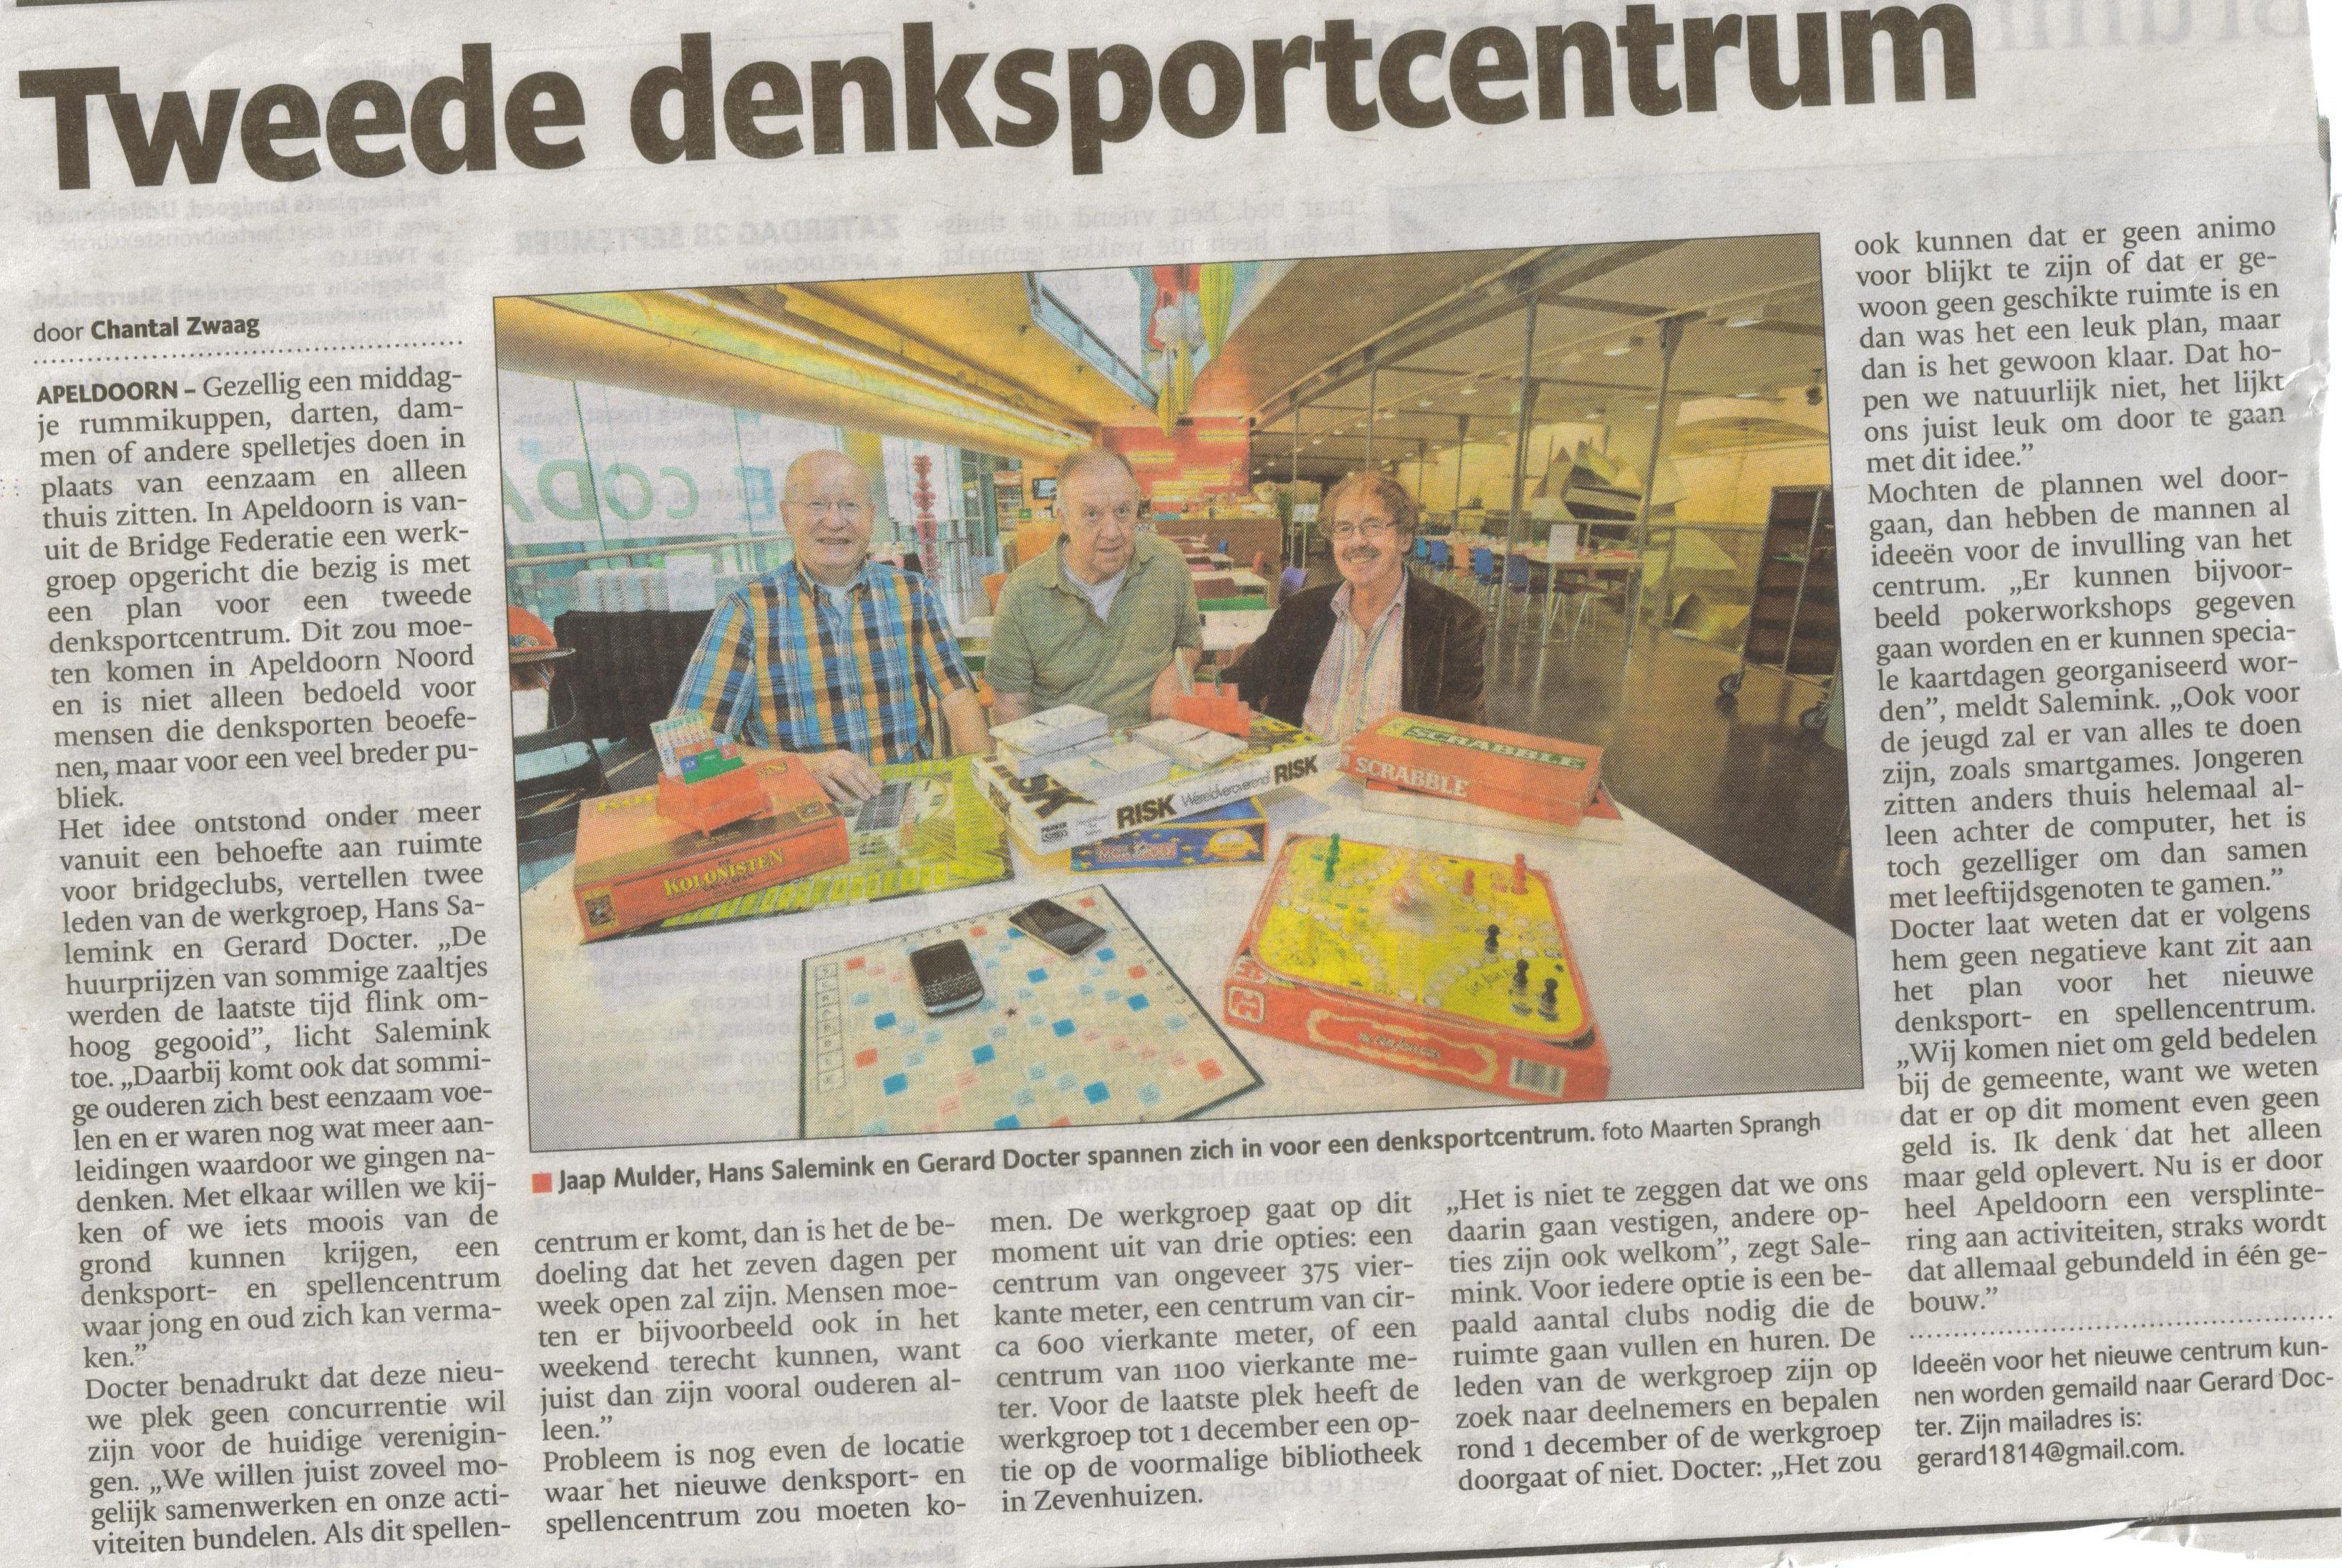 Bron: De Stentor Apeldoorn 28 september 2013